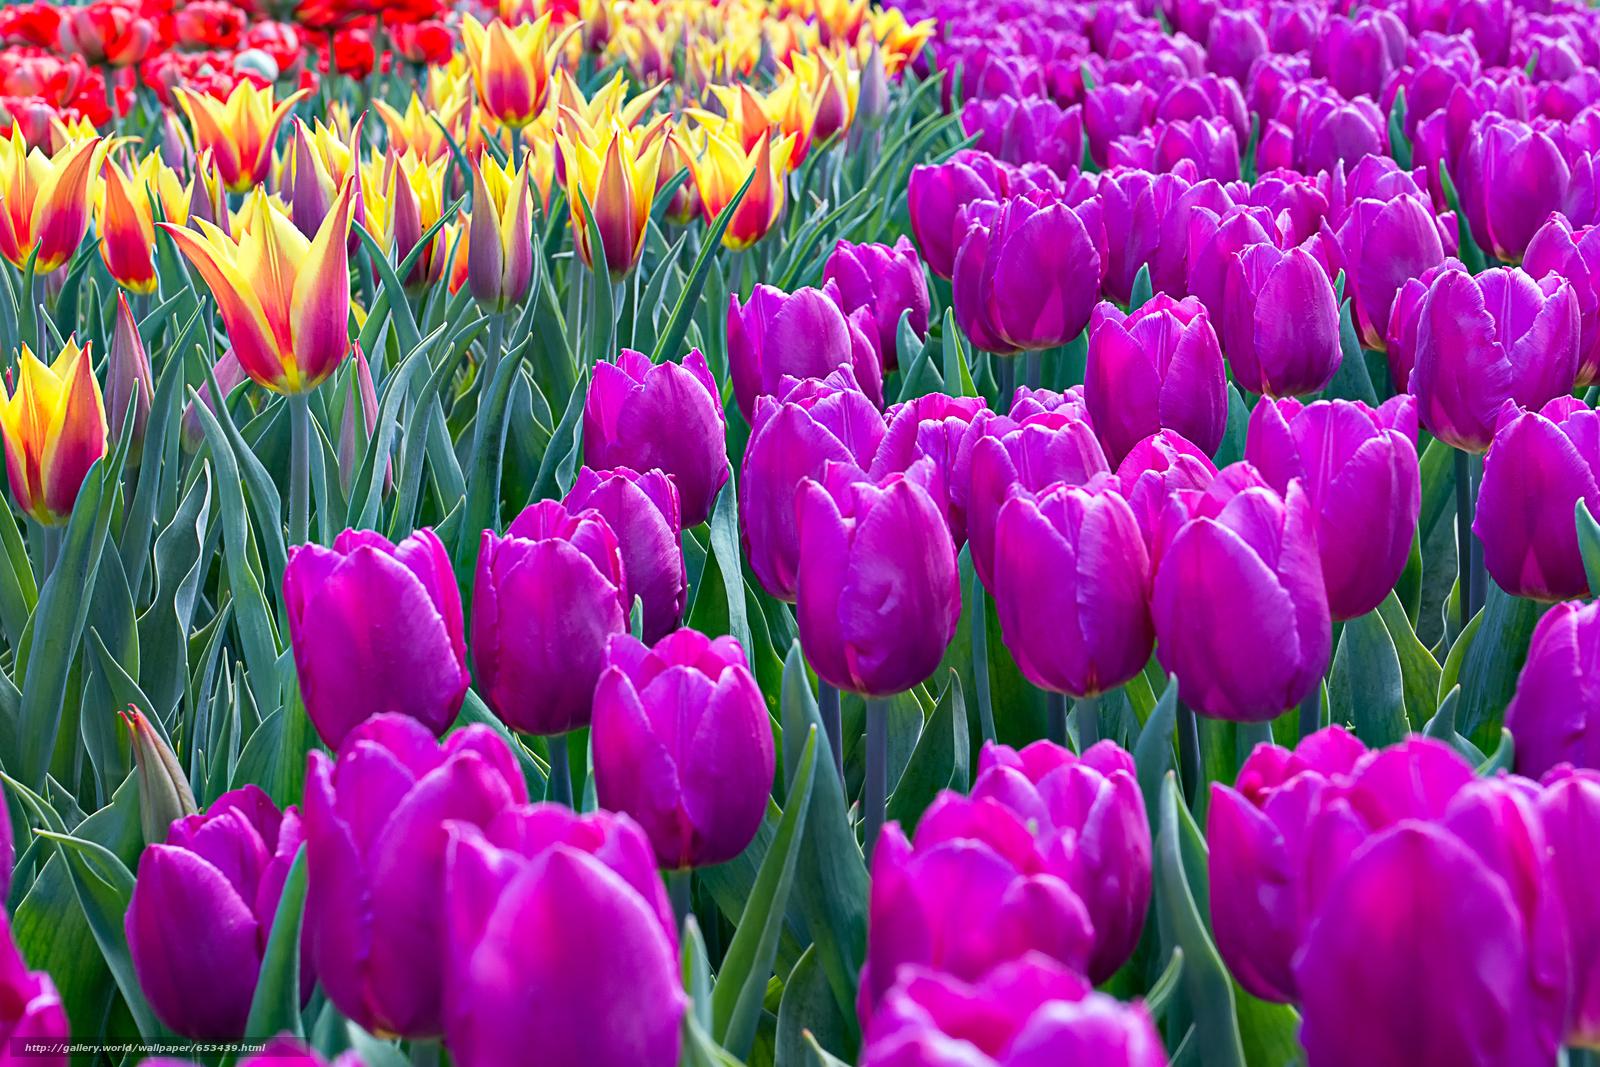 Скачать обои тюльпаны,  цветы,  цветок,  макро бесплатно для рабочего стола в разрешении 4567x3045 — картинка №653439